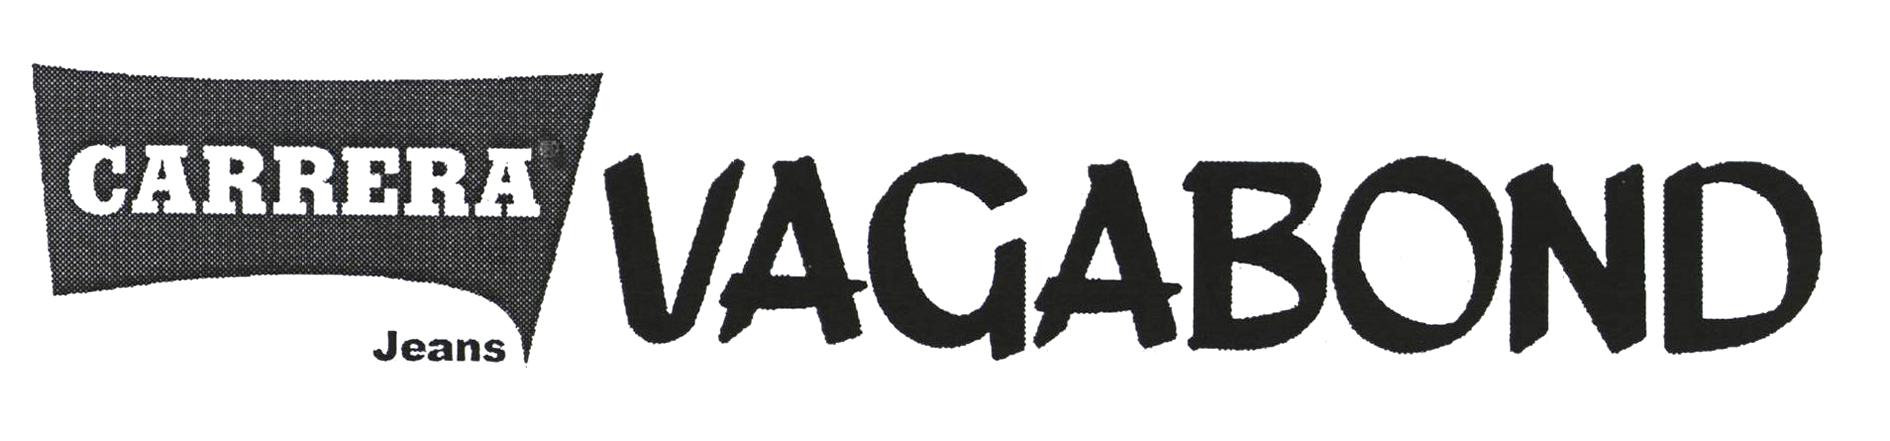 CARRERA Jeans VAGABOND